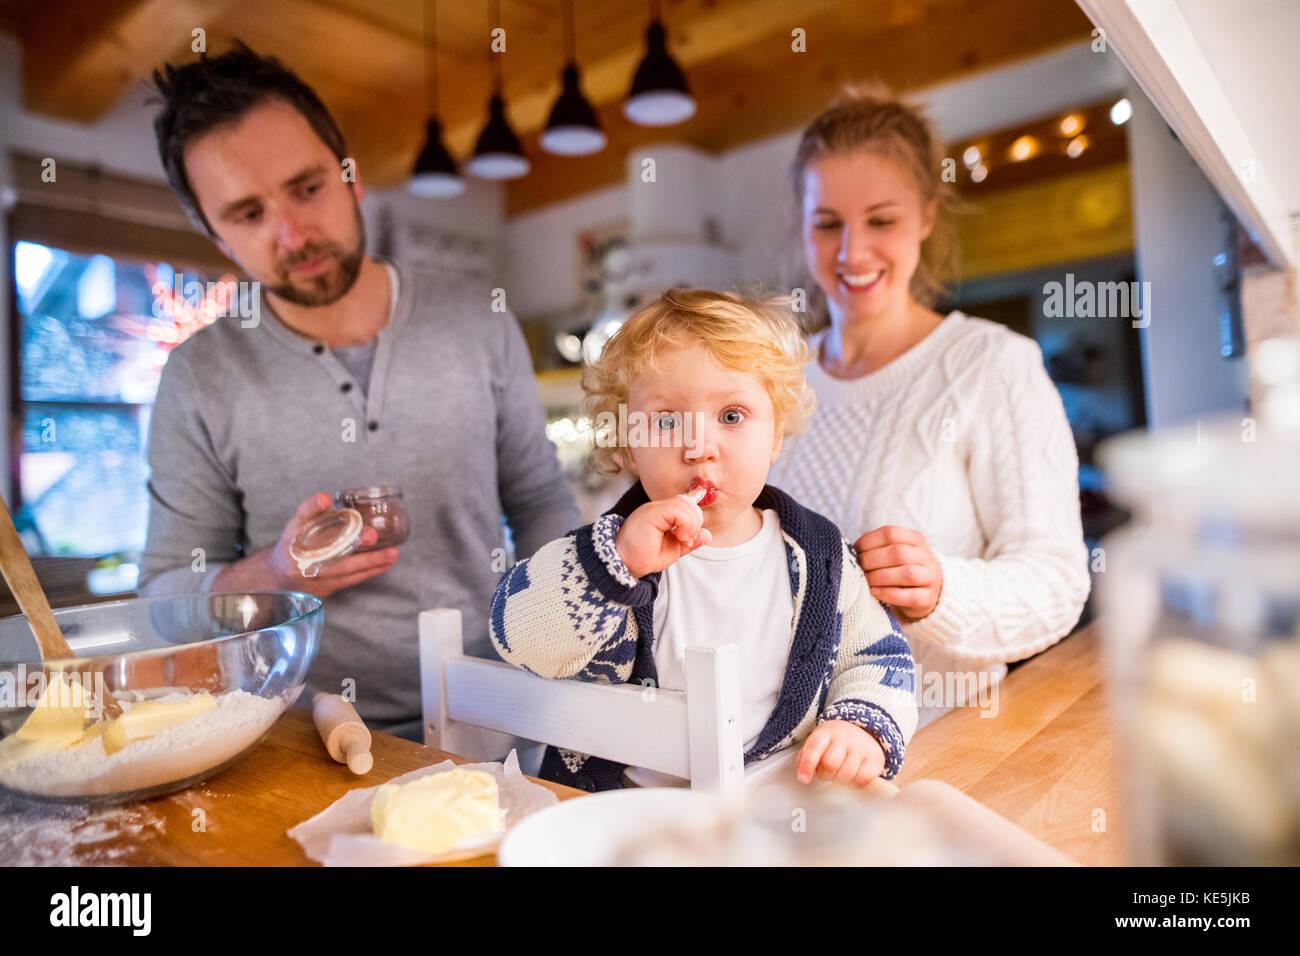 Jeune famille des cookies à la maison. Photo Stock